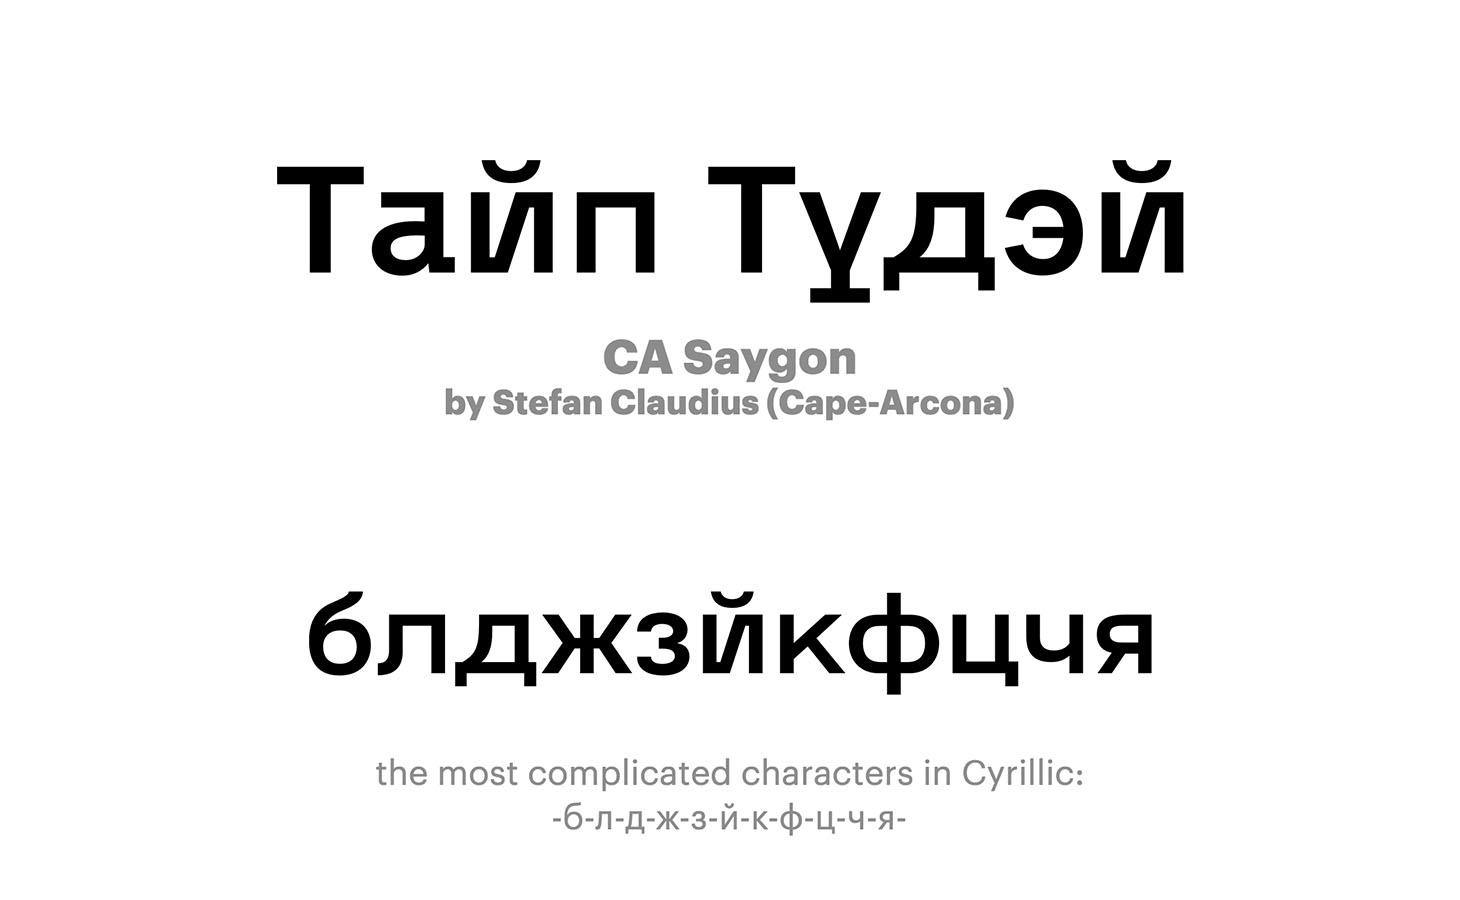 CA-Saygon